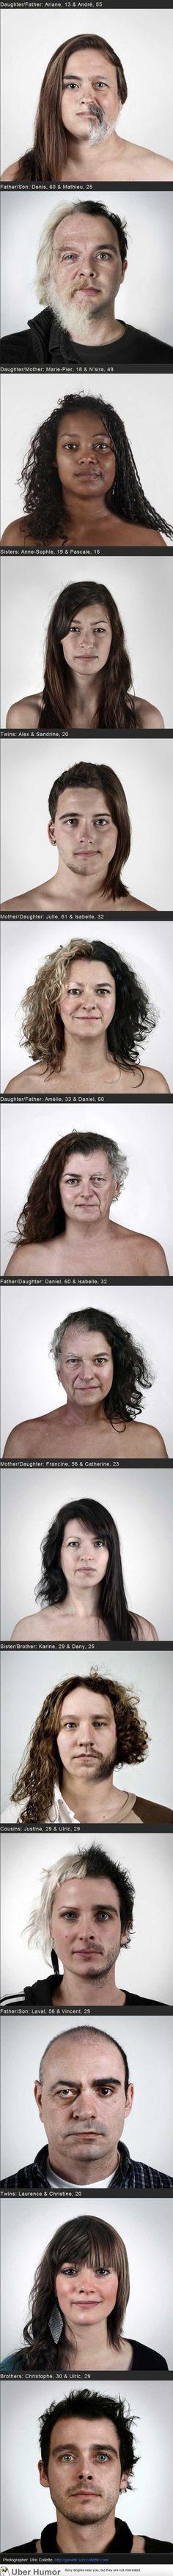 Genetics. Very cool.